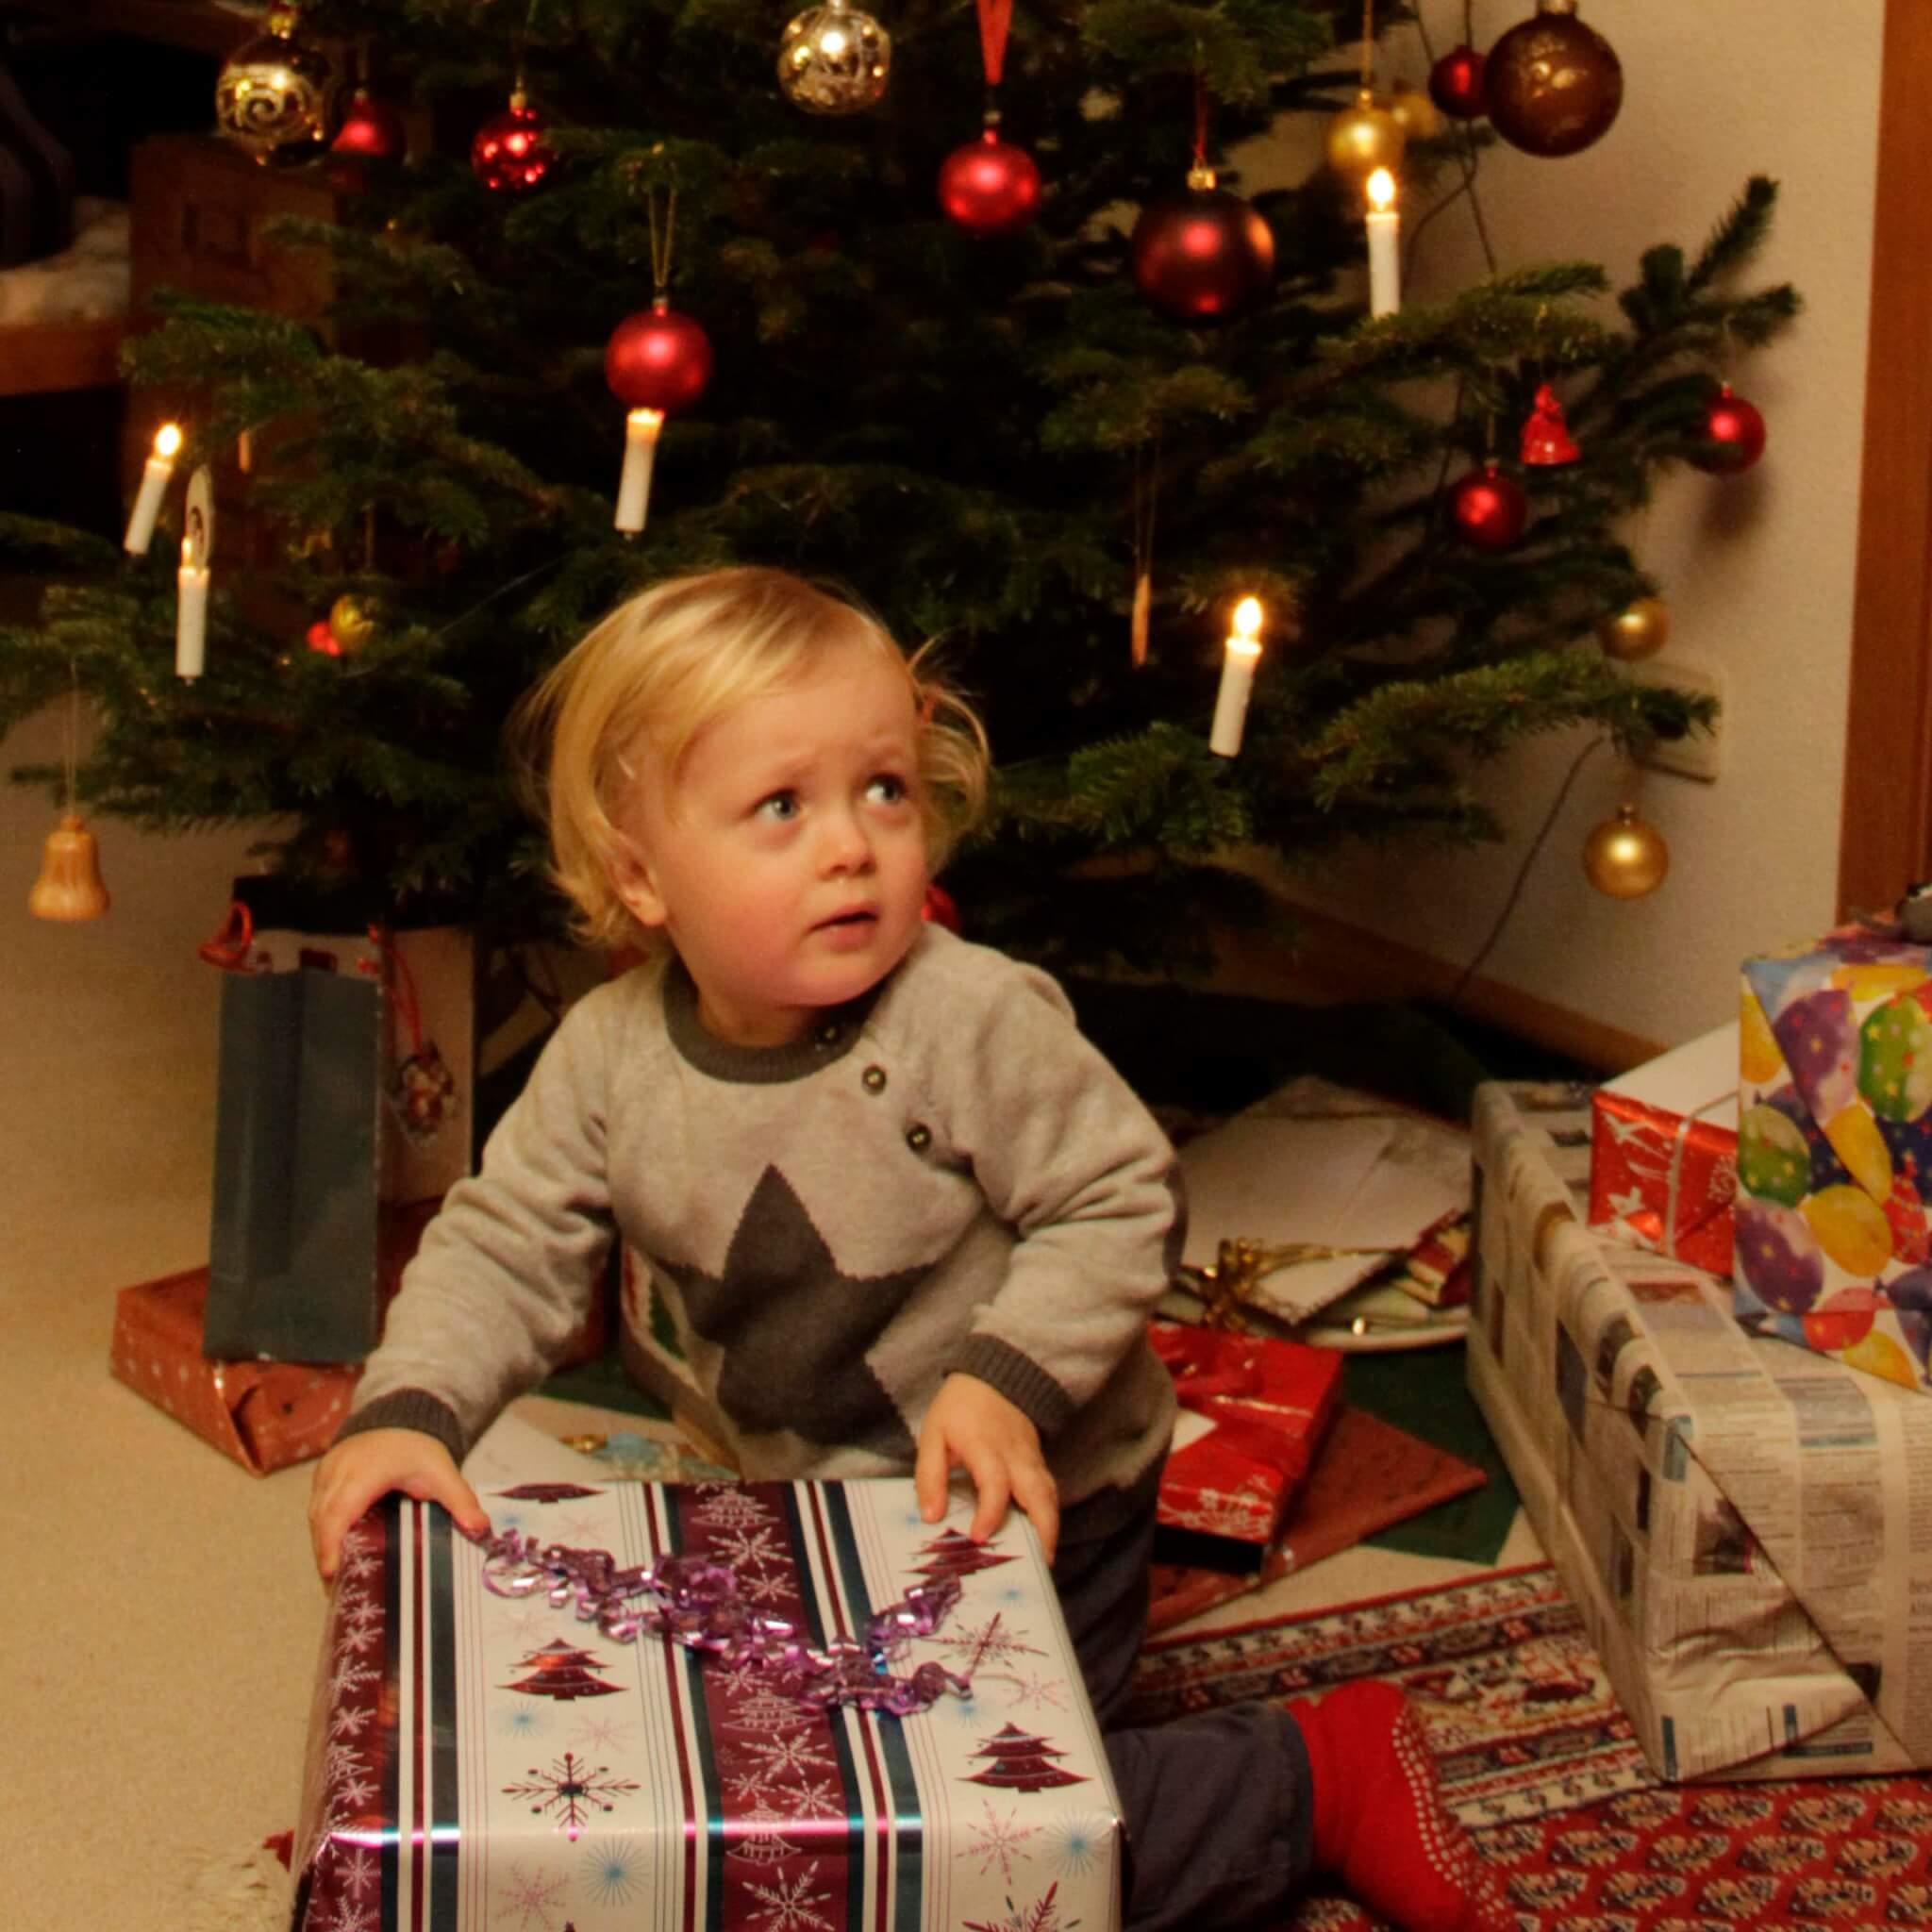 geschenkideen zu weihnachten f r kinder bis sechs jahre. Black Bedroom Furniture Sets. Home Design Ideas